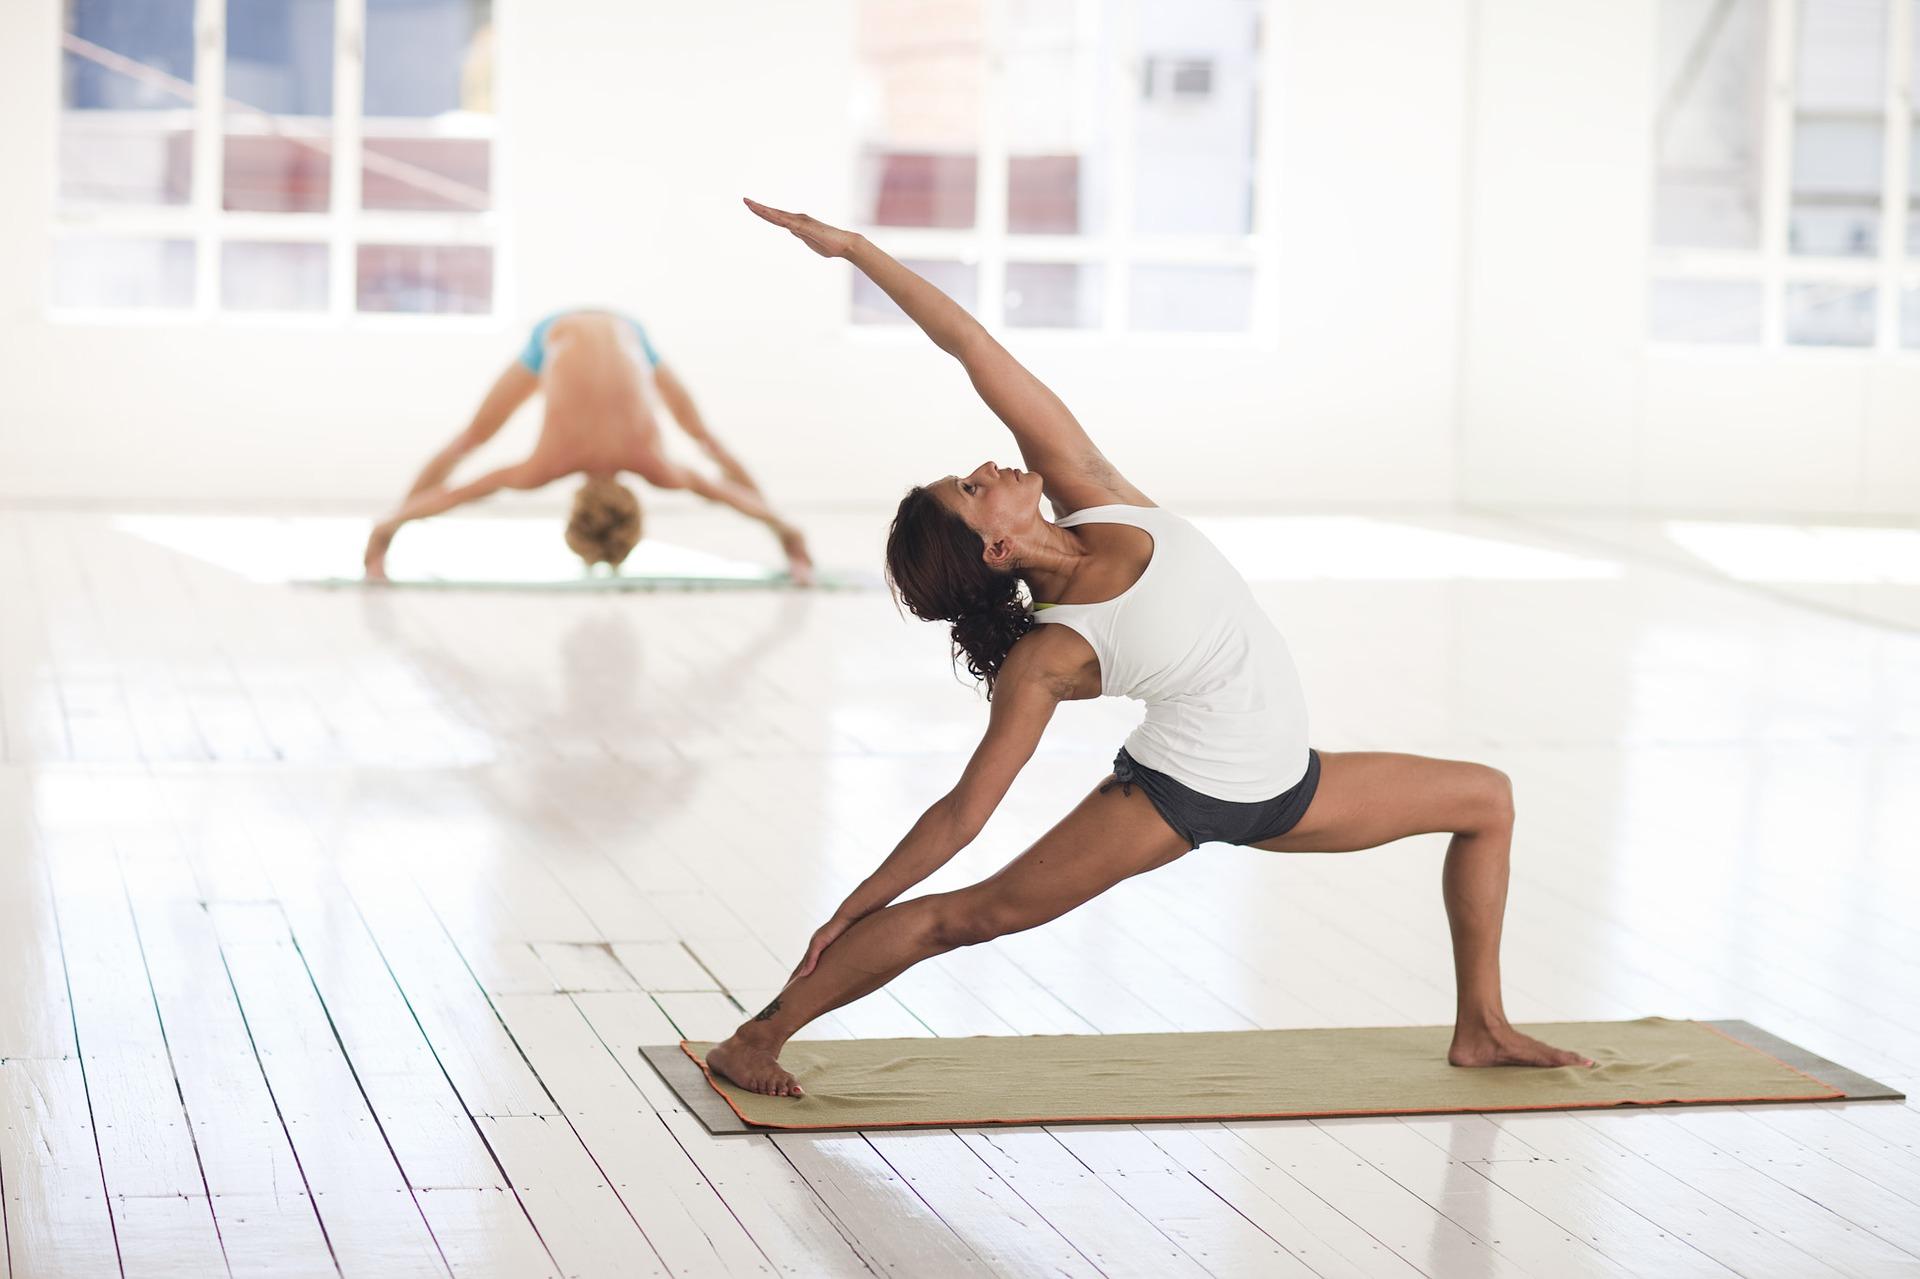 come fare yoga caratteristiche da considerare